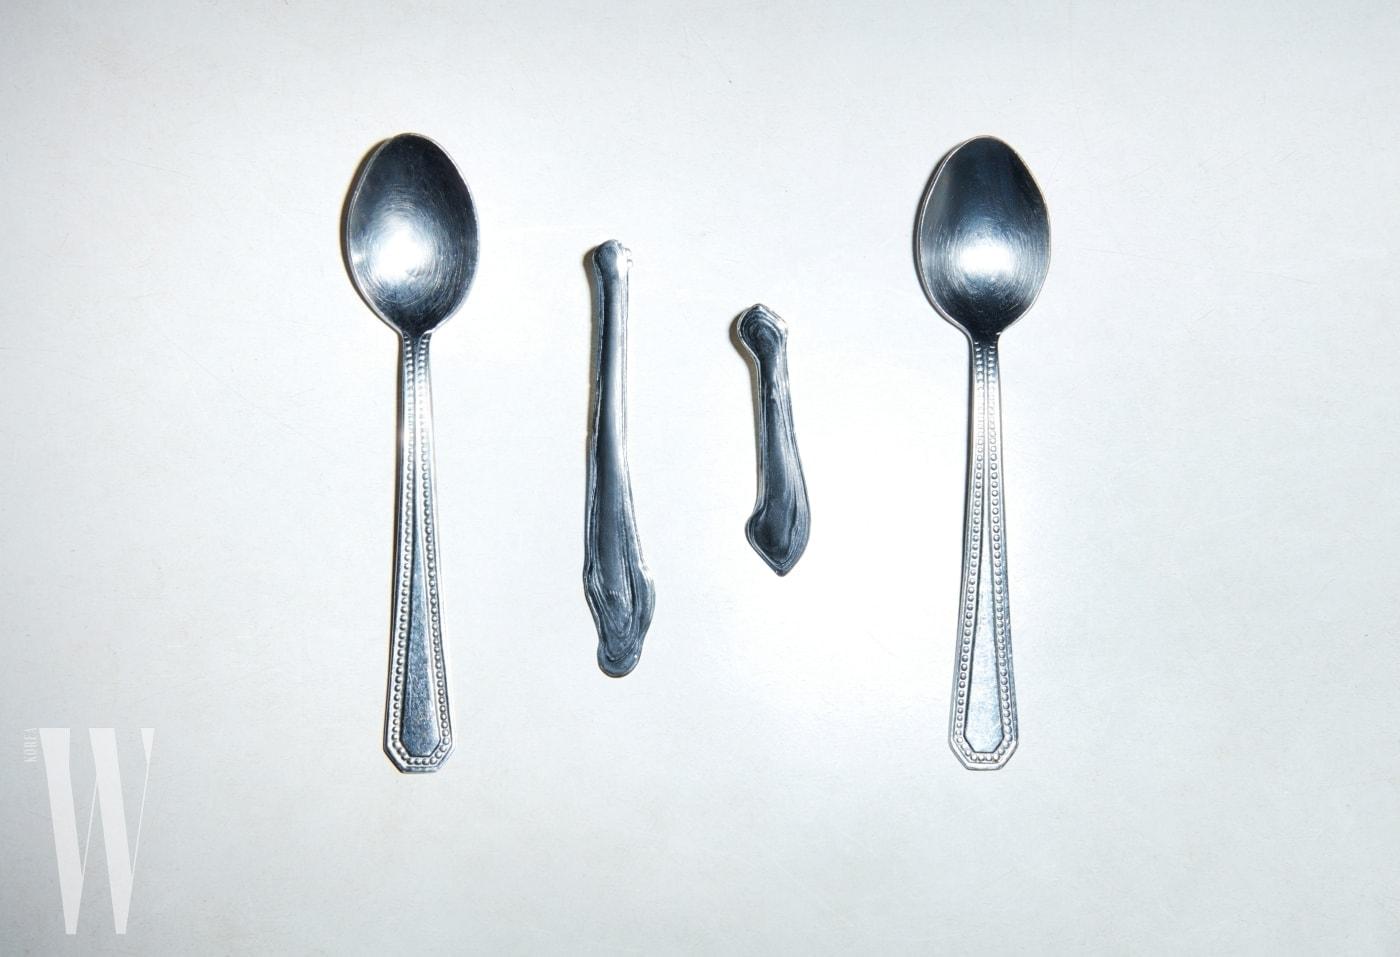 소박한 티스푼 사이에 놓인 추상적인 형태의 실버 이어링은 레이 밀러 by 네타포르테 제품. 28만원대.